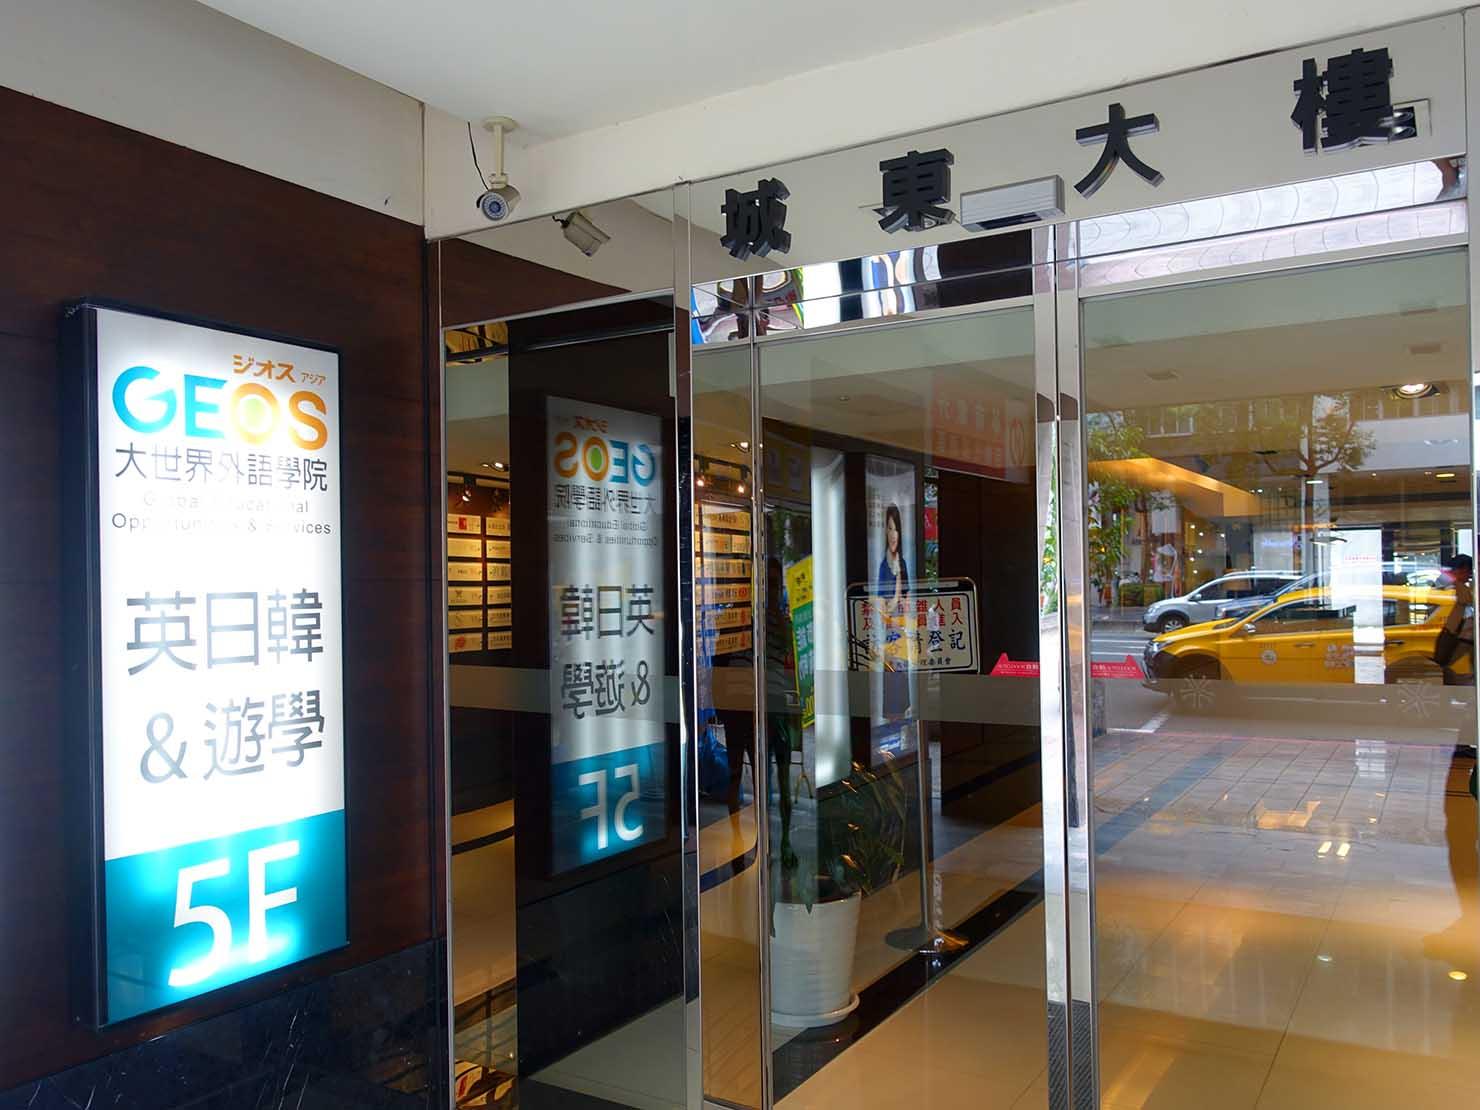 「ジオス台湾(GEOS)」のあるビルのエントランス